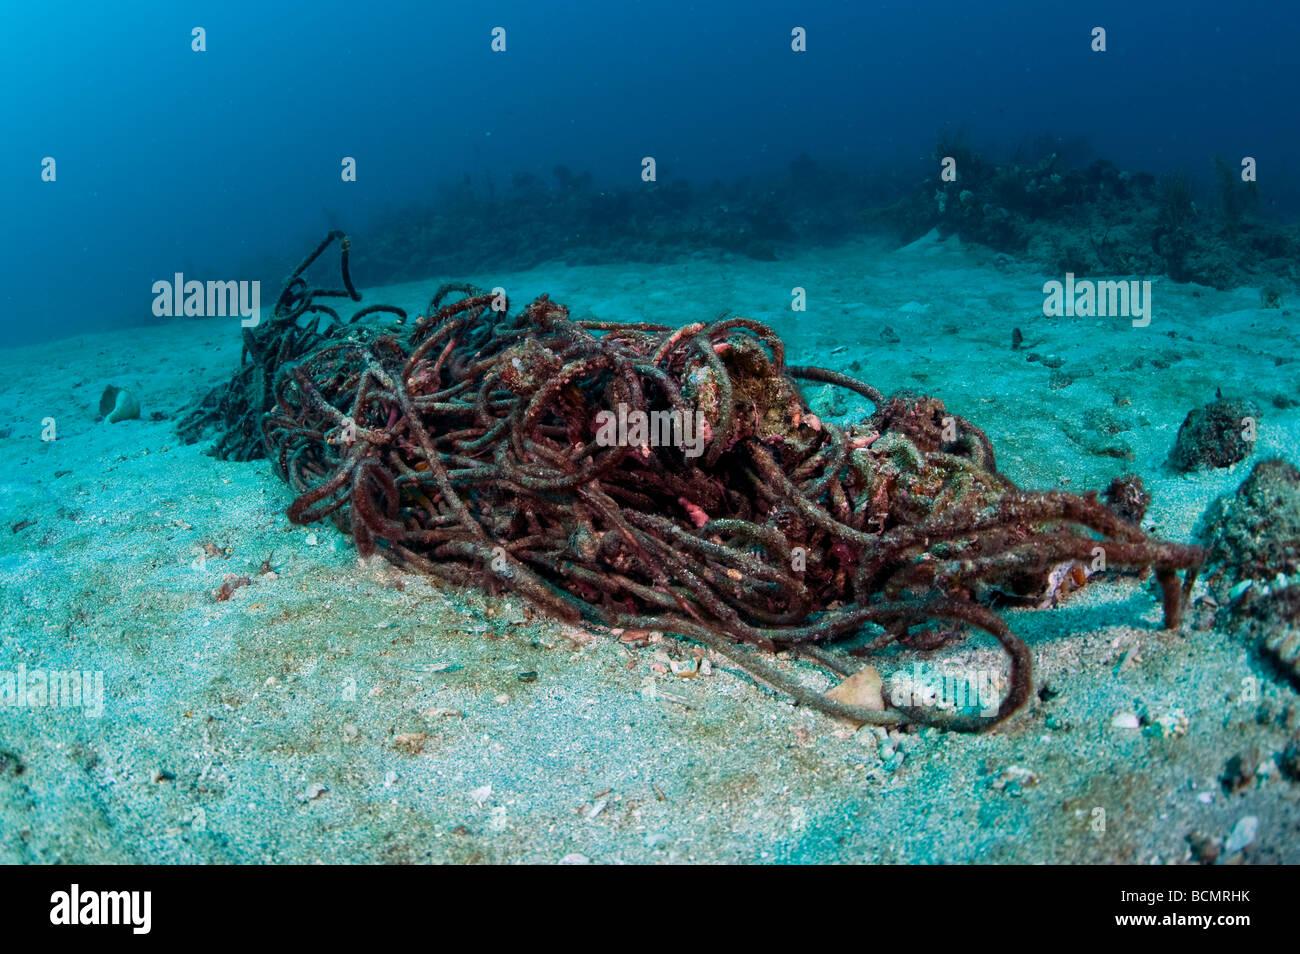 Verworfen, Seil und Ablagerungen an einem Korallenriff in Palm Beach County FL diese Ablagerungen oft bricht Korallen Stockbild